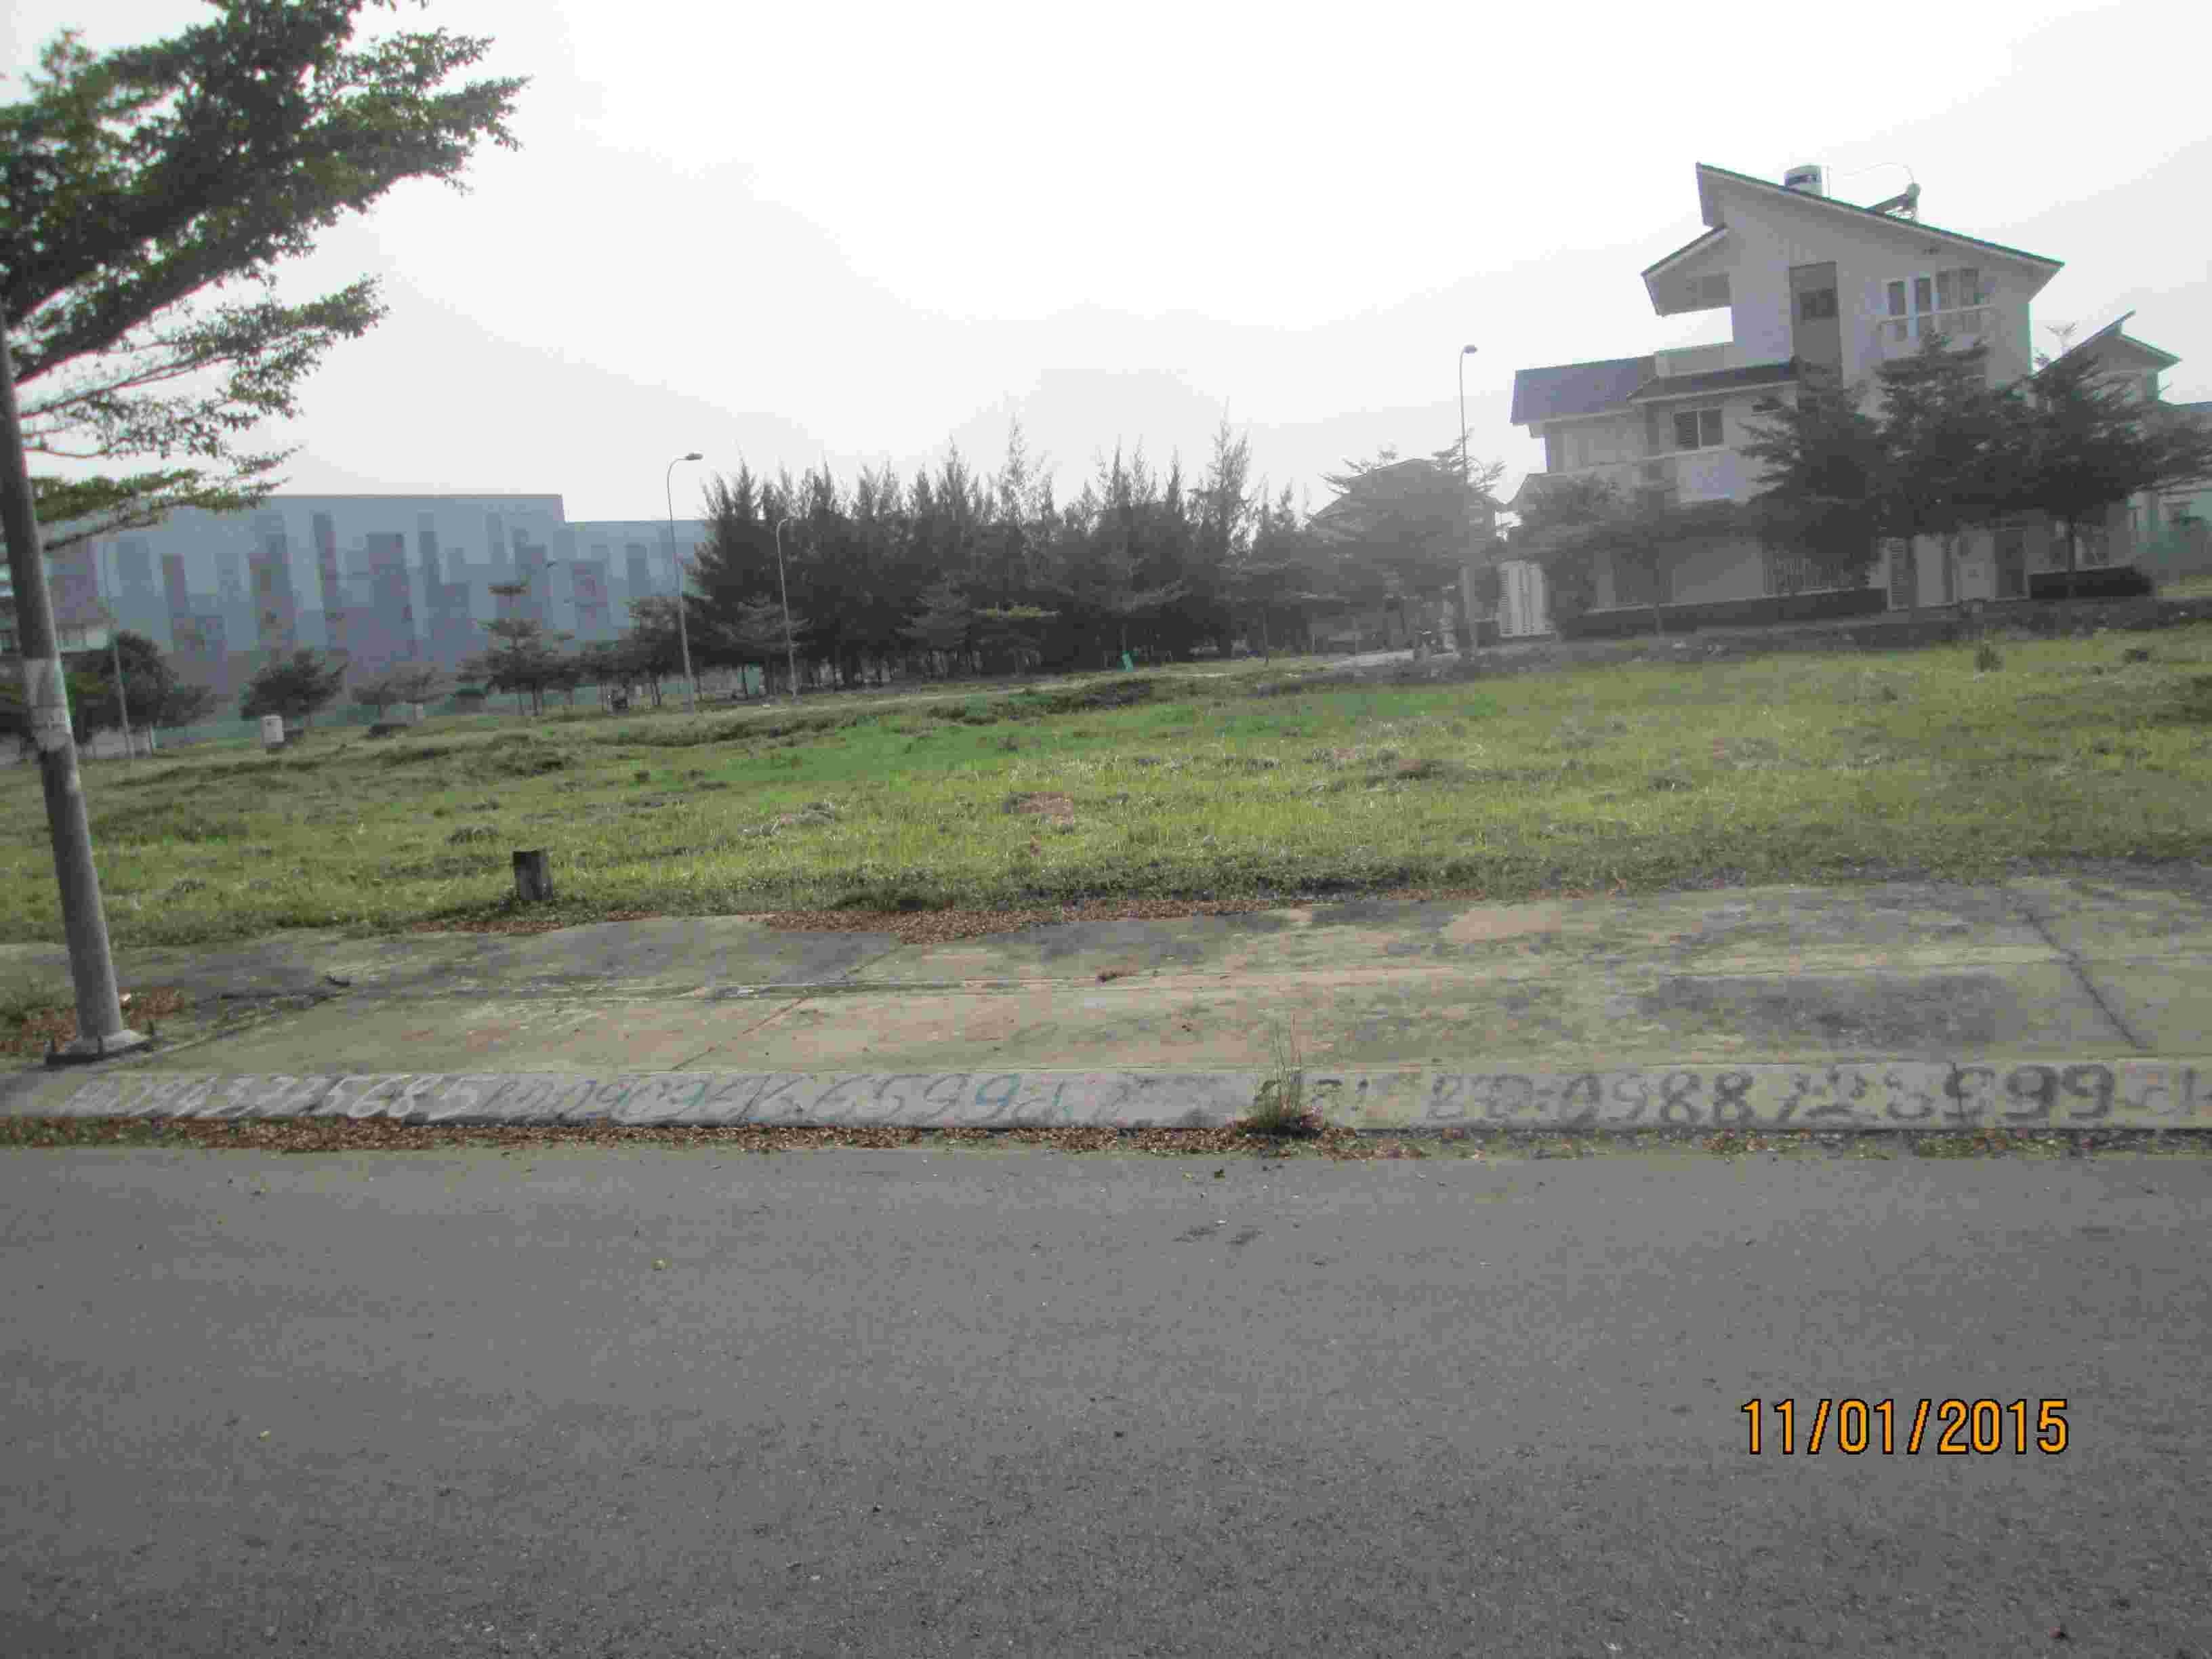 Bán đất nền khu Sadeco Nghỉ Ngơi Giải Trí Tân Phong, quận 7, A30, góc 2 MT đối diện NH Argibank, 237m2, giá 88 triệu/m2